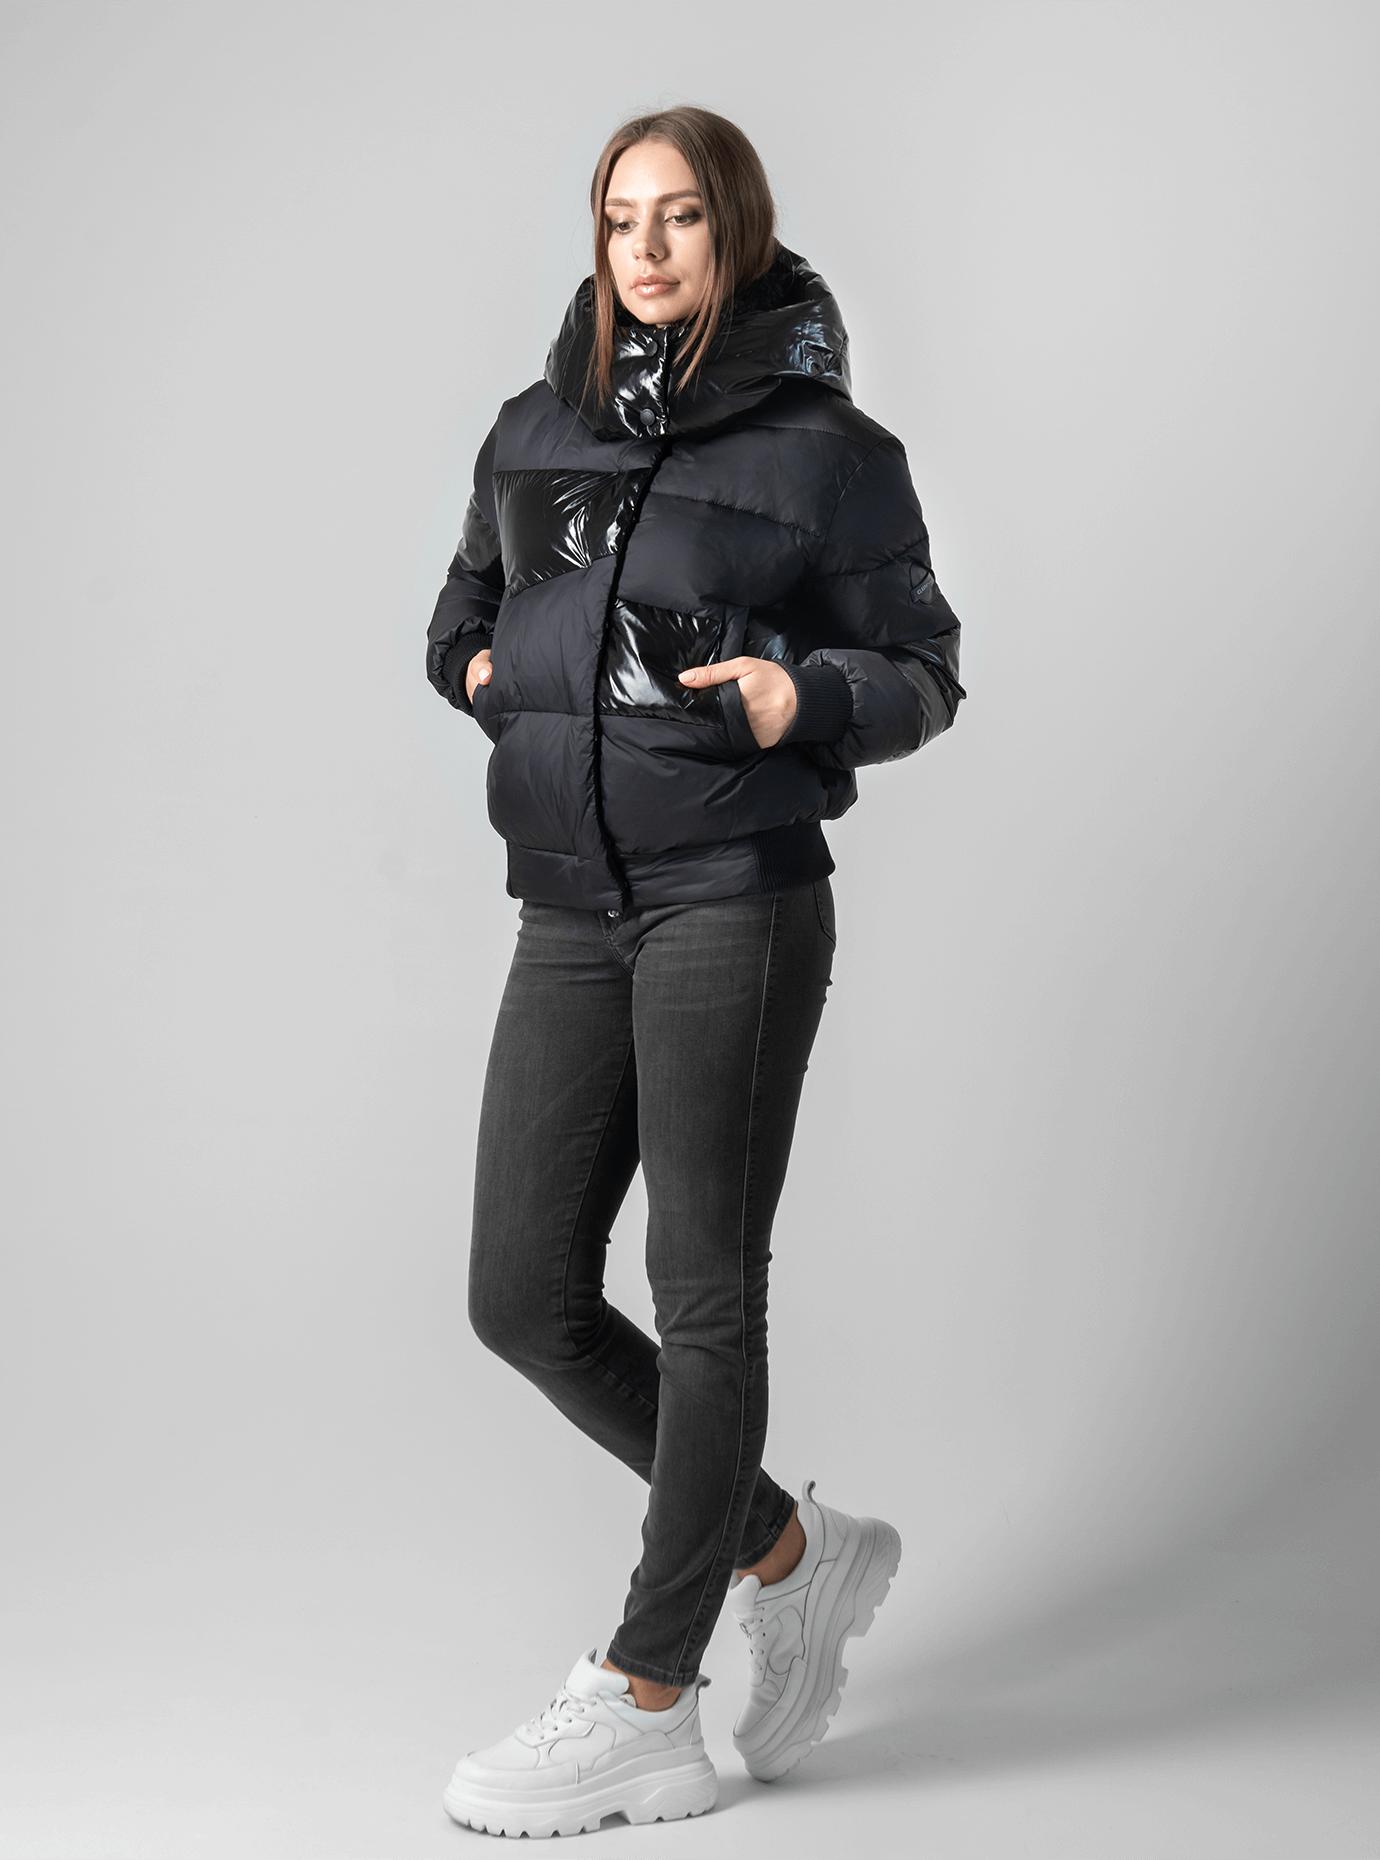 Куртка женская зимняя с наполнителем Чёрный XL (01-8999): фото - Alster.ua